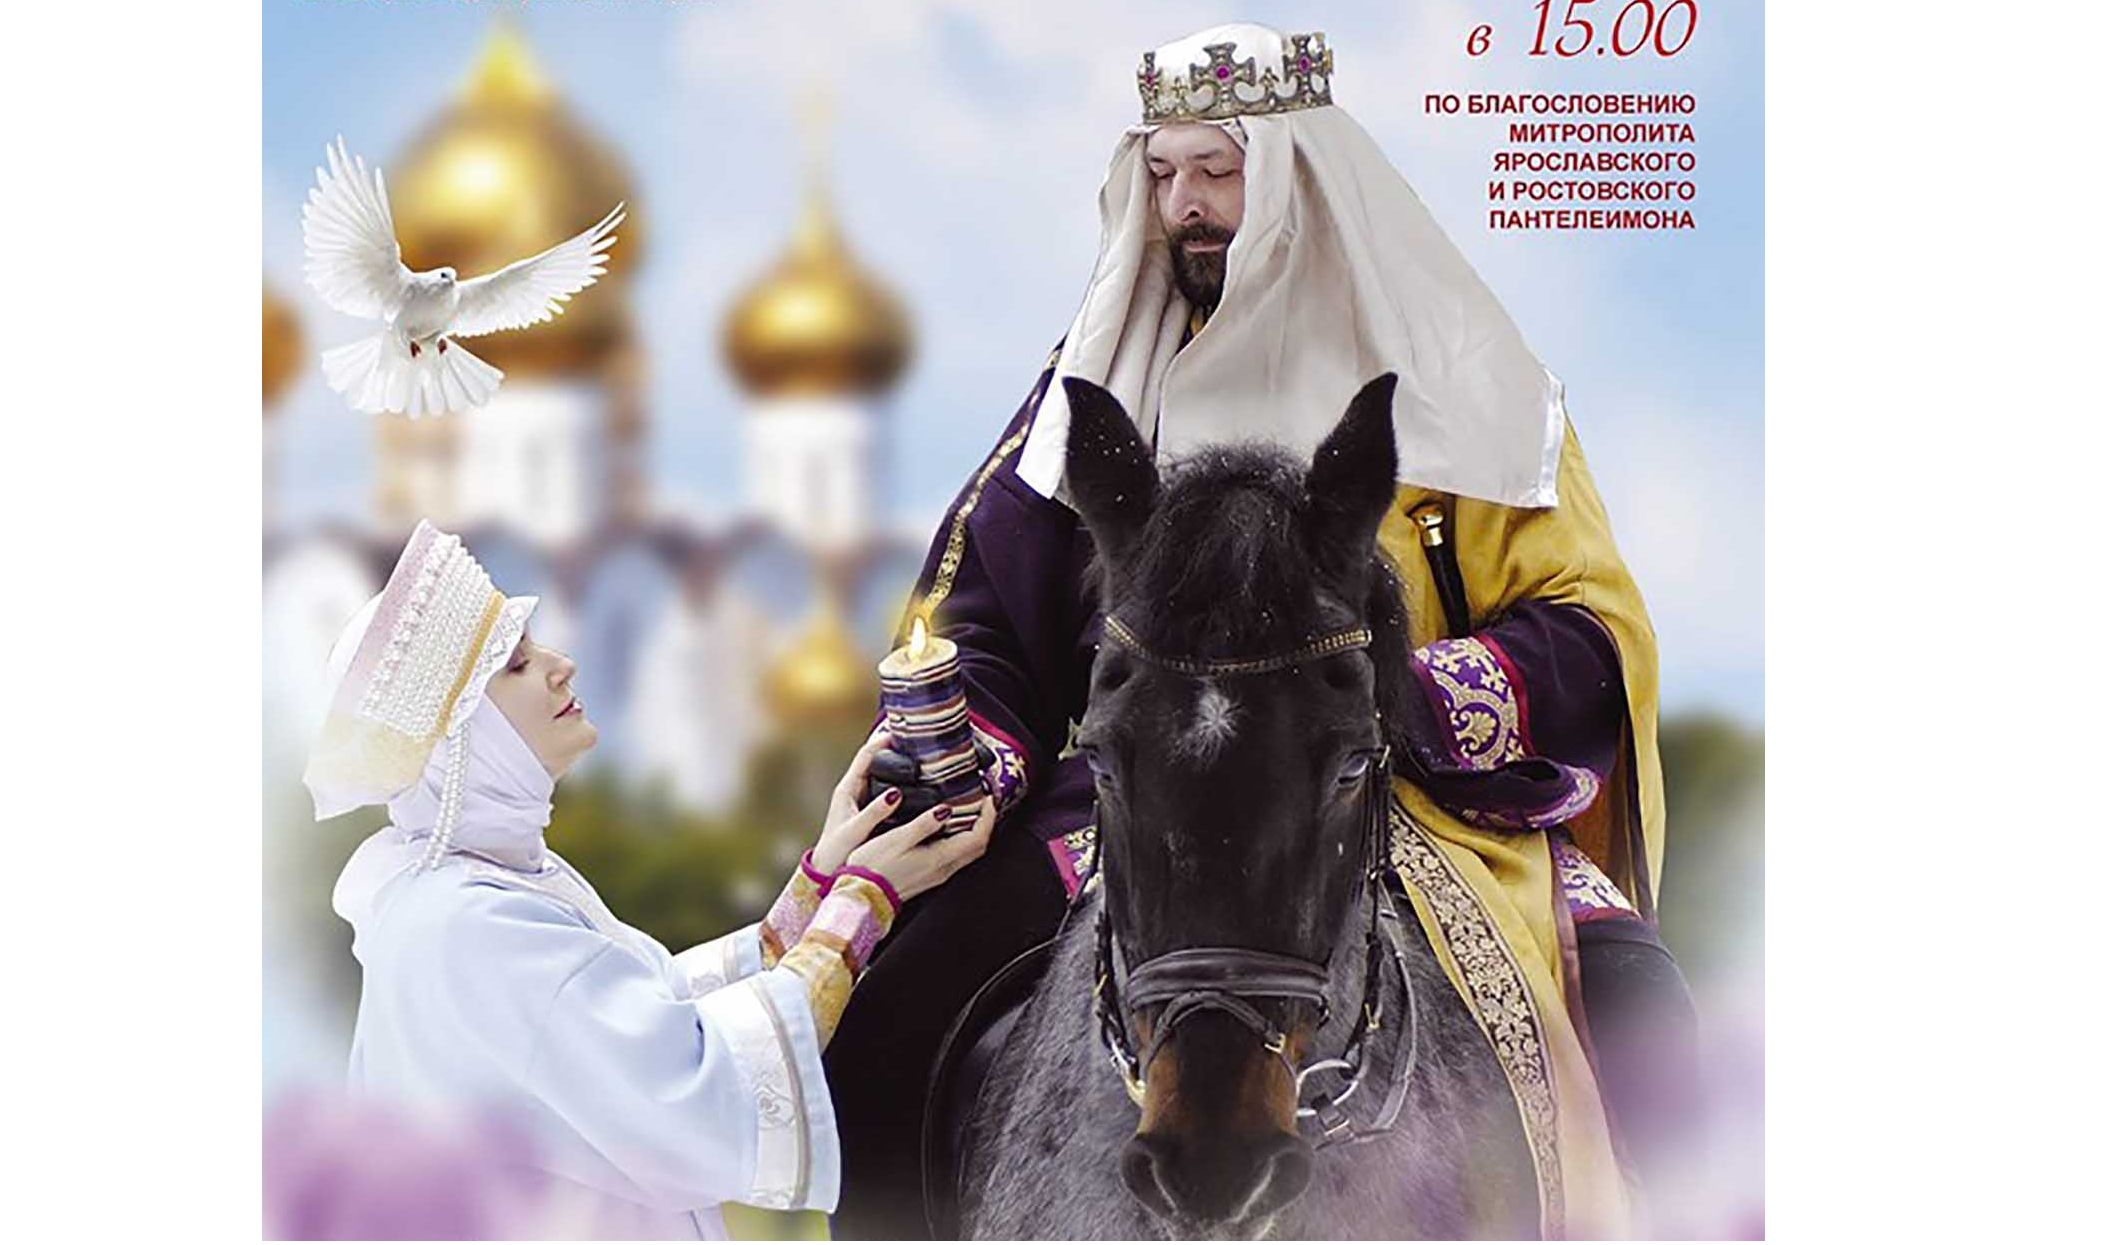 В Ярославле покажут бесплатный конно-музыкальный спектакль